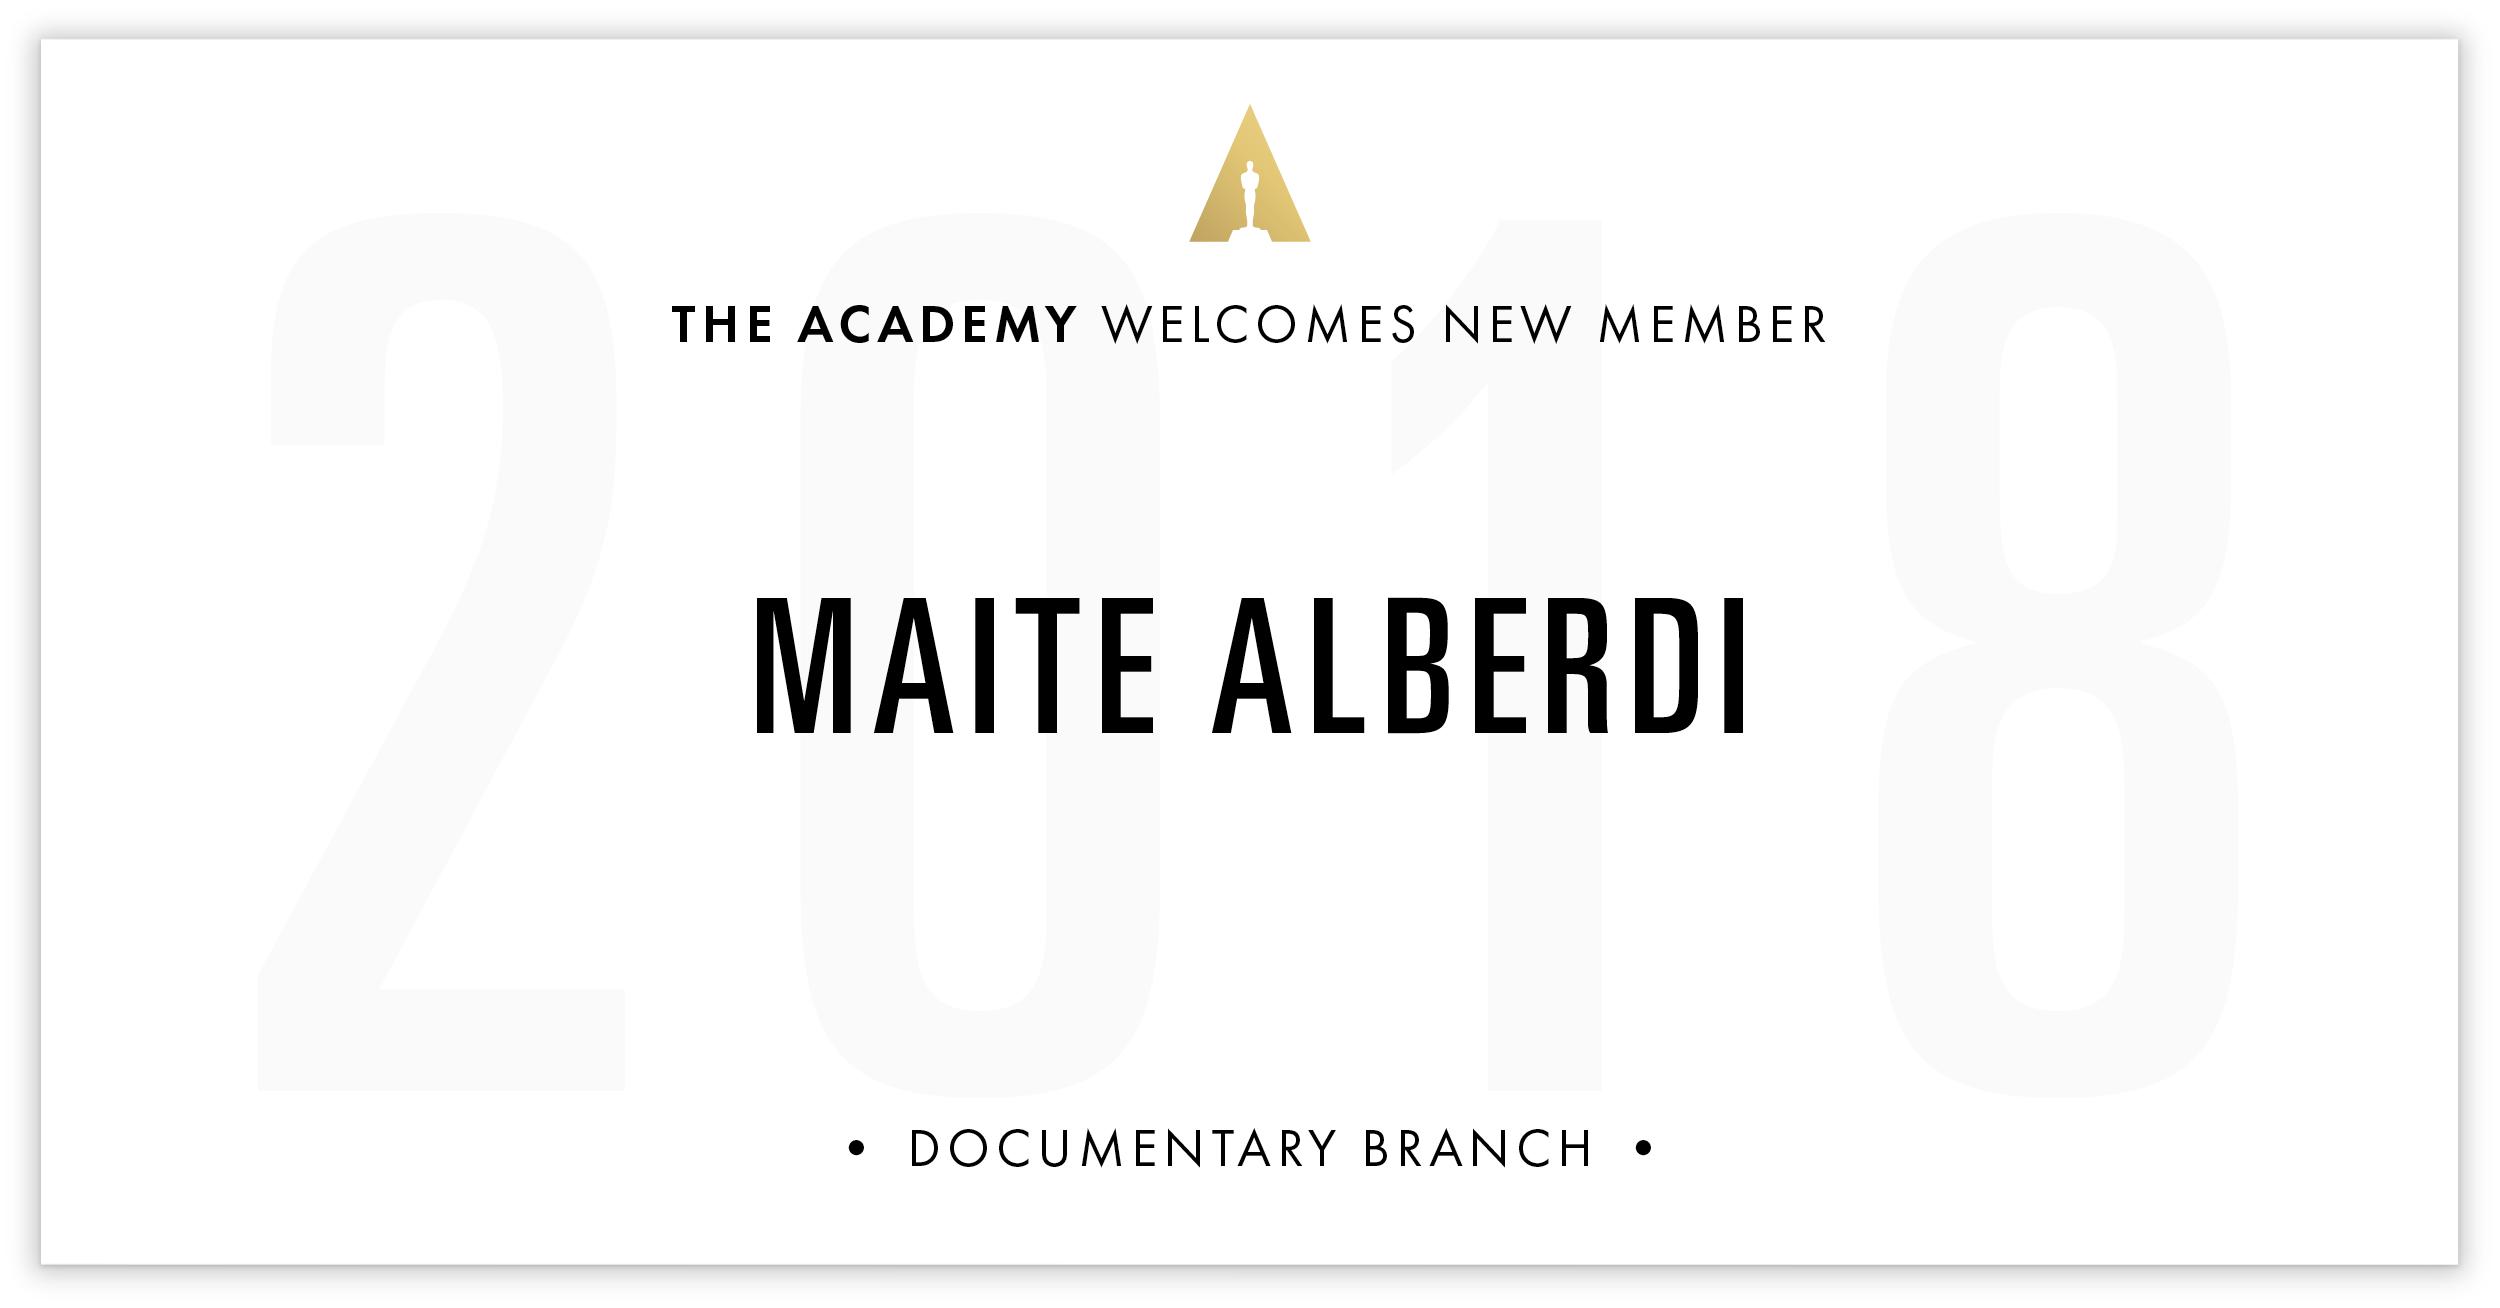 Maite Alberdi is invited!